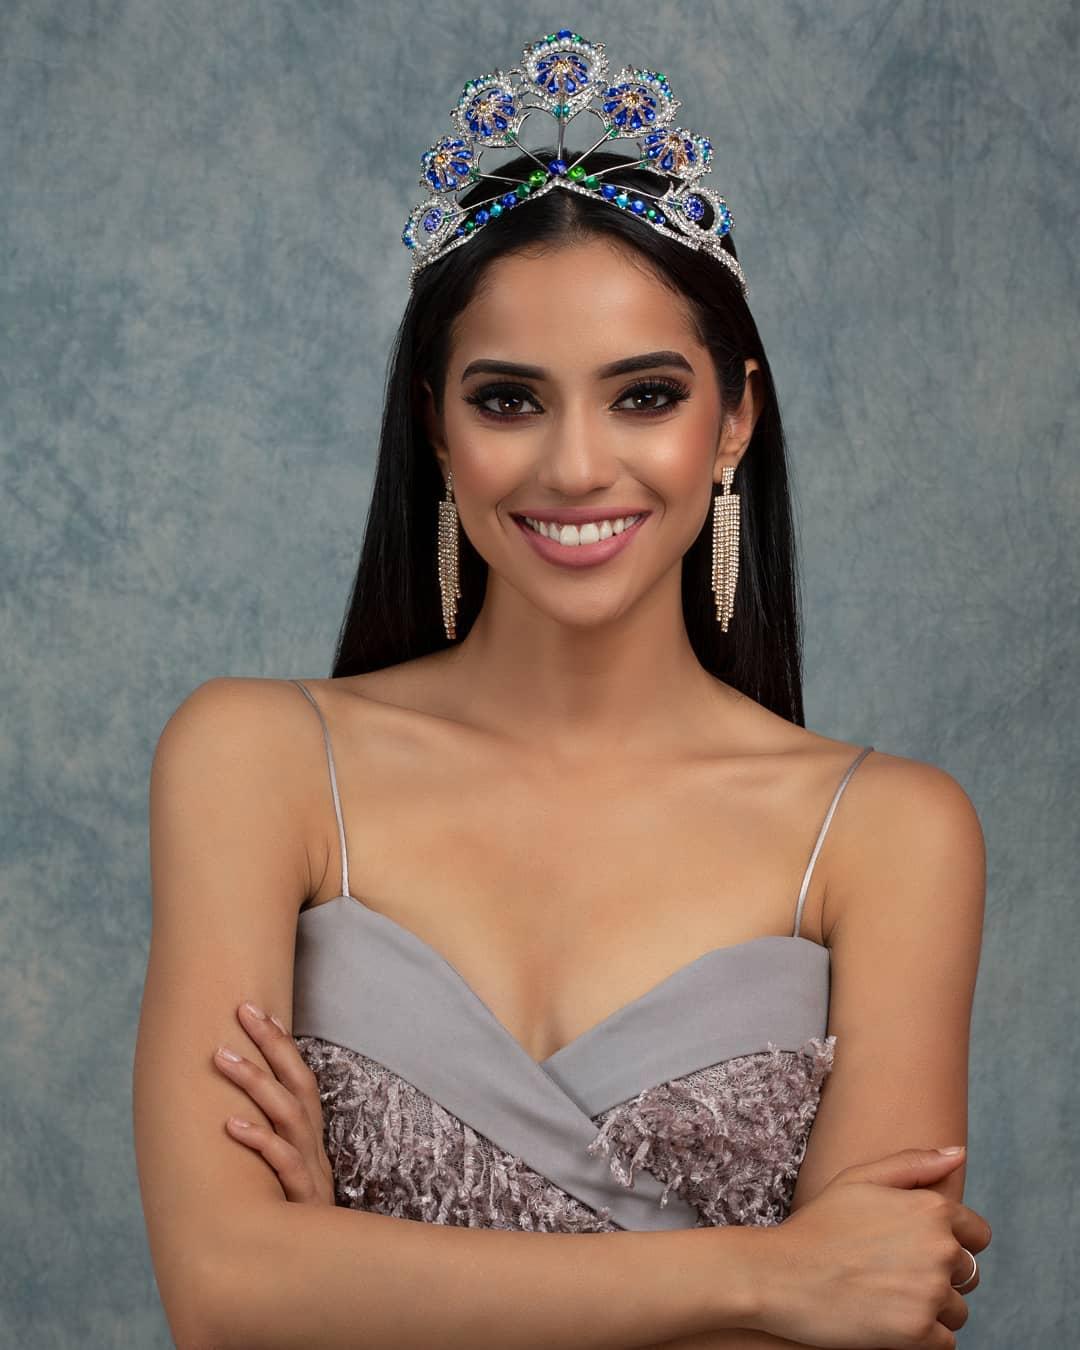 candidatas a miss universe 2019. final: 8 dec. sede: atlanta. - Página 4 I1PSeo